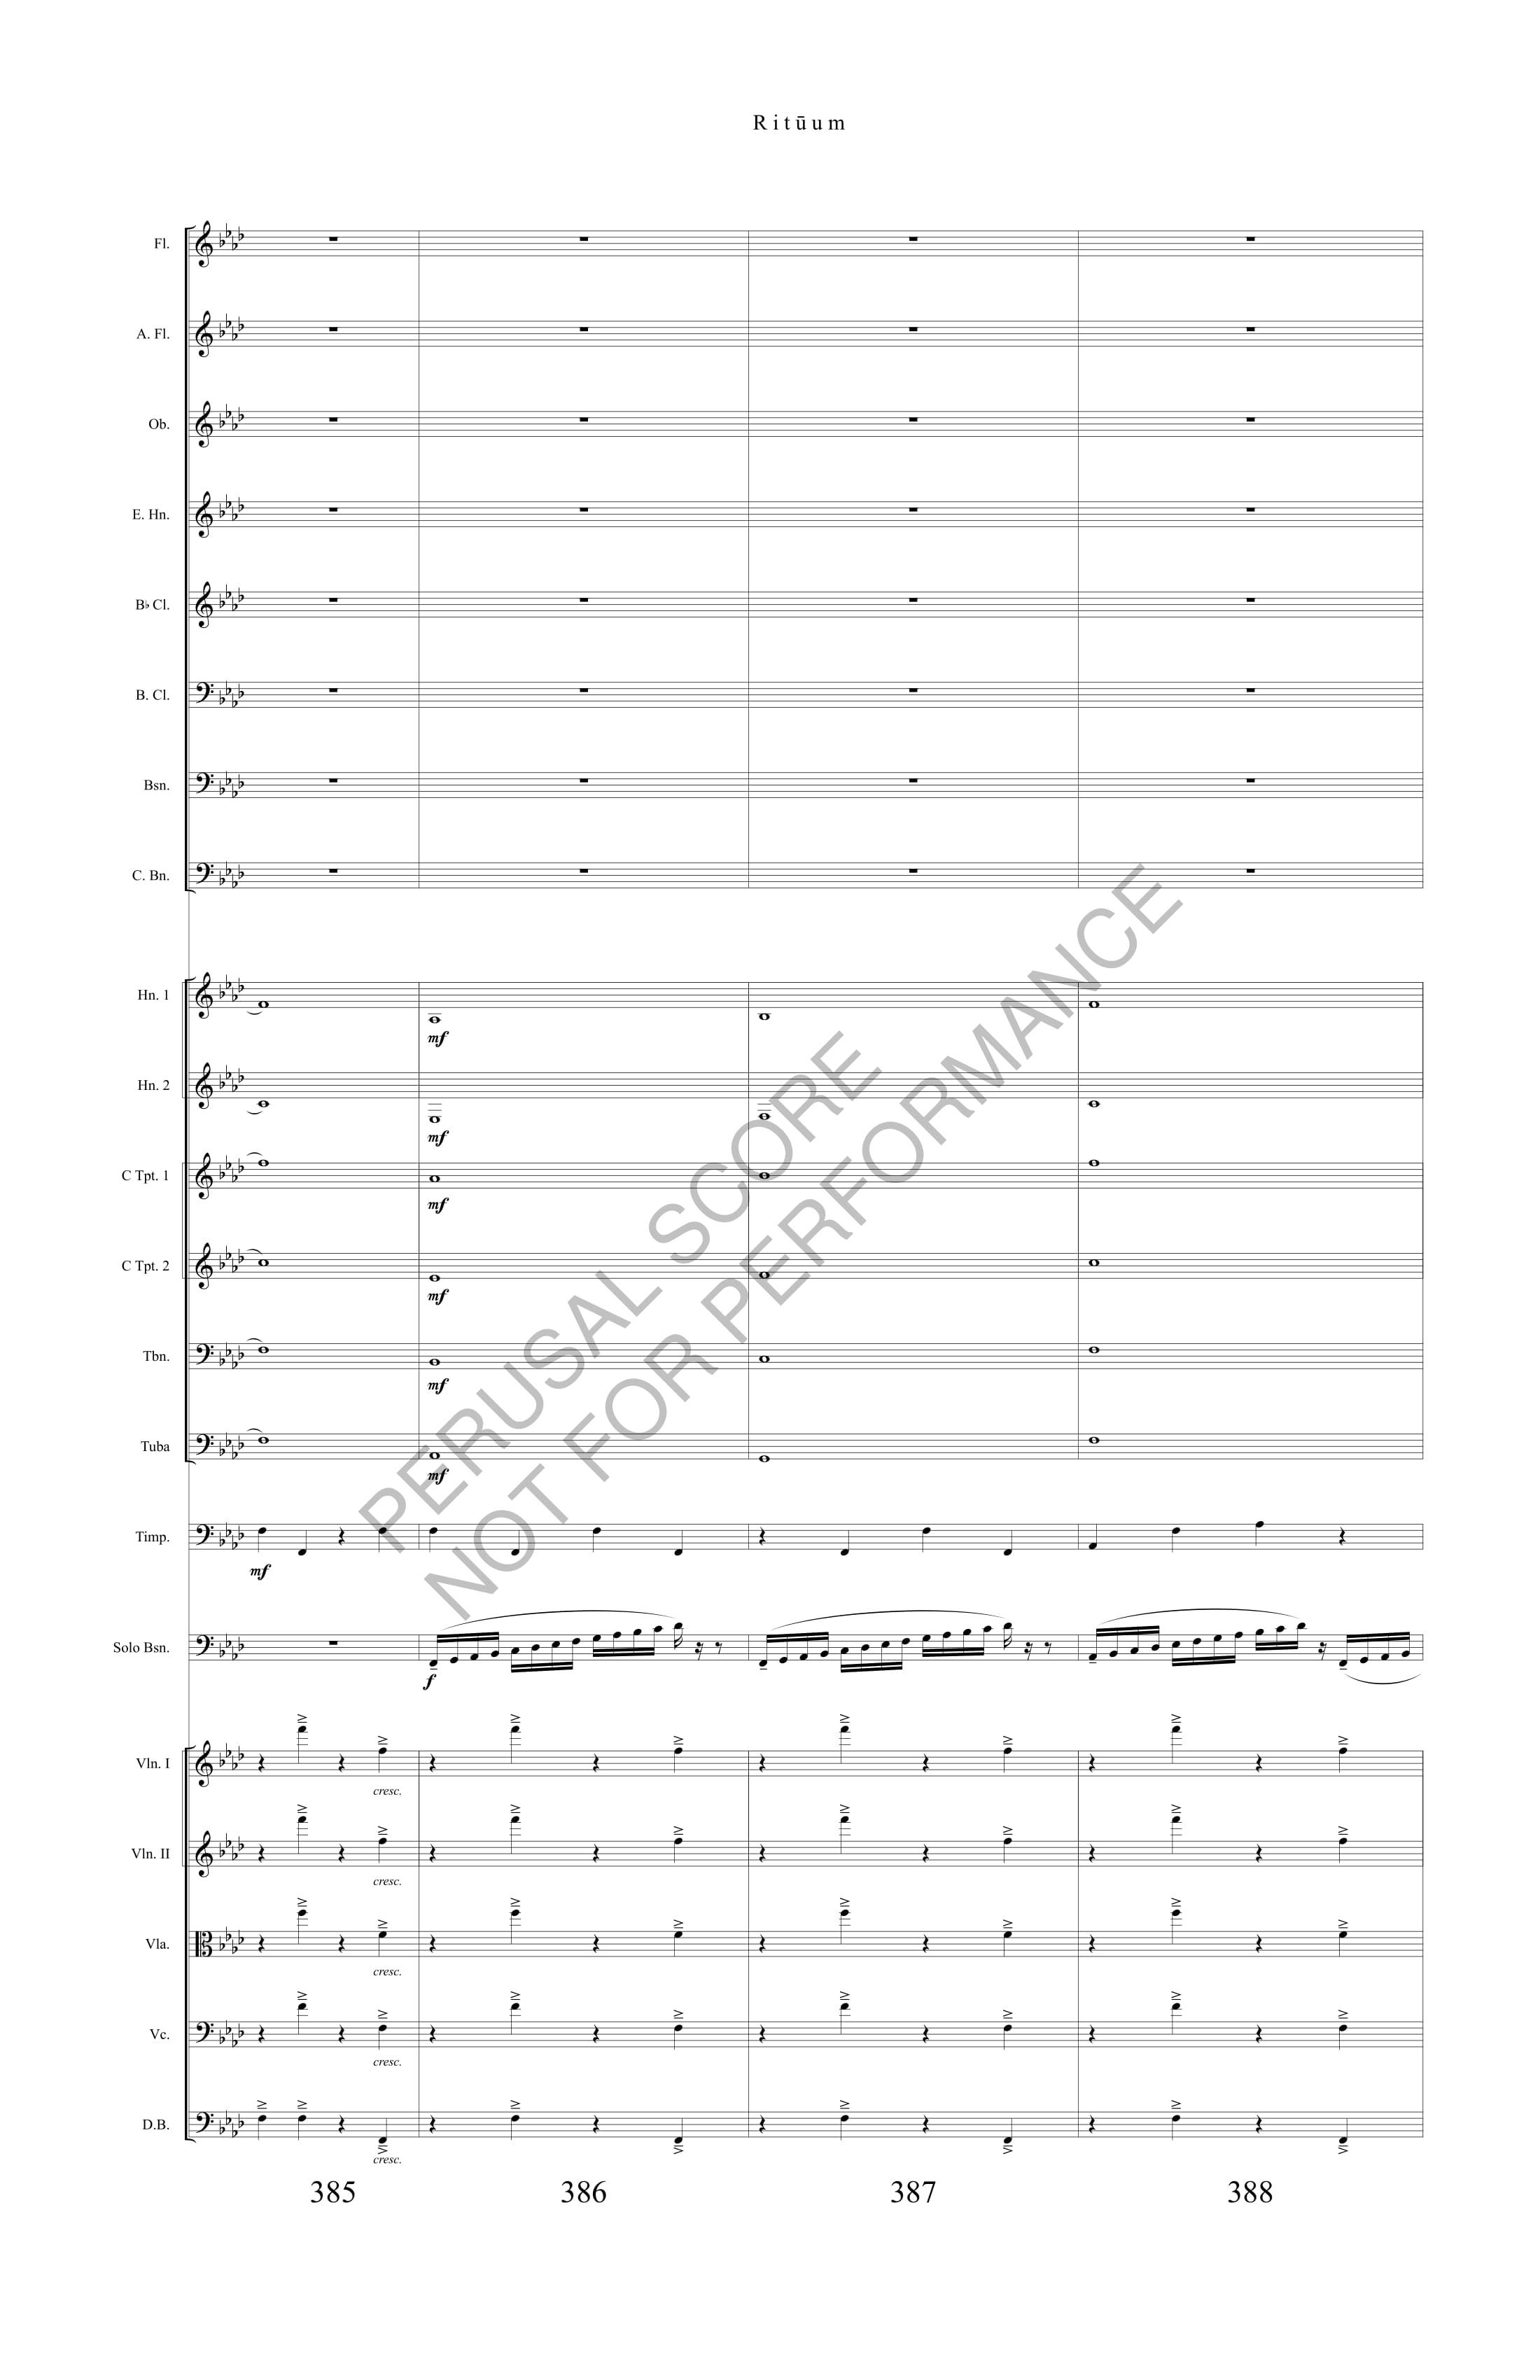 Boyd Rituum Score-watermark (1)-86.jpg